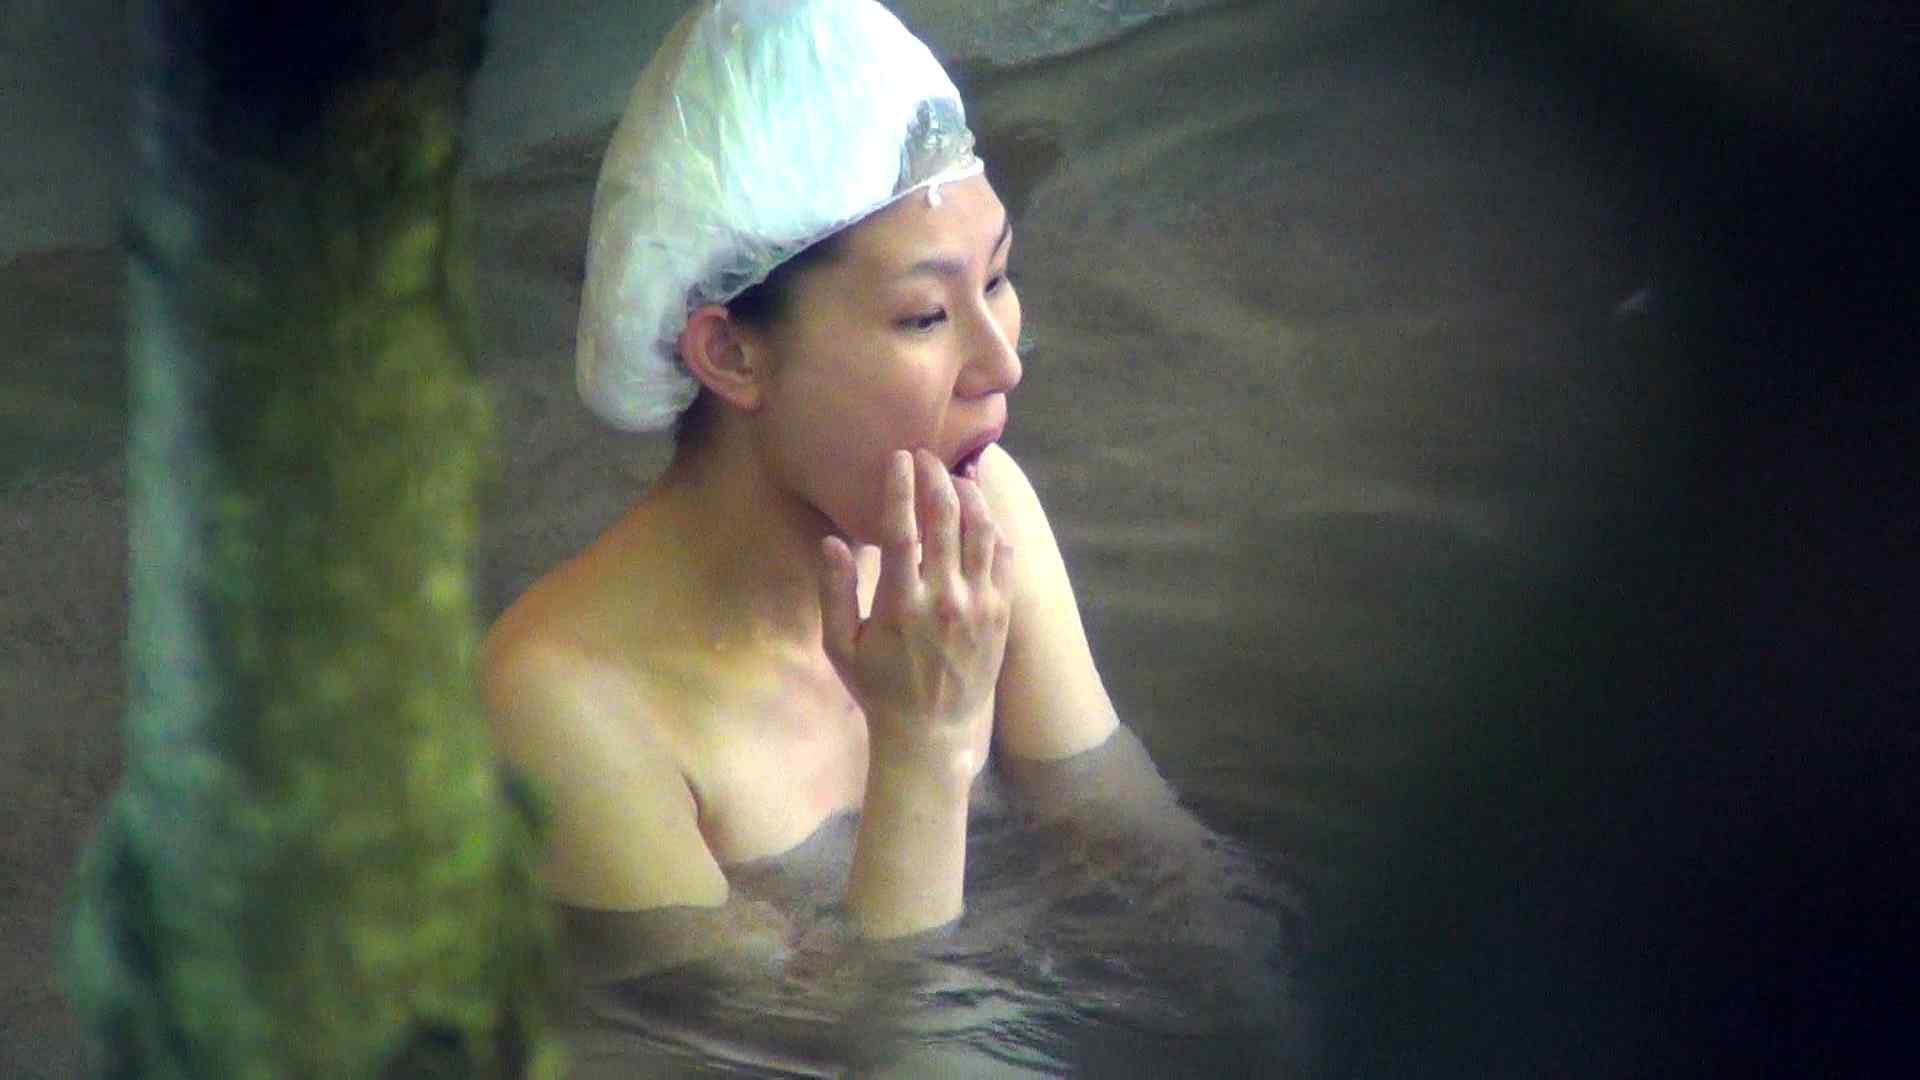 Vol.43 ヘアキャップをしても美しい中性的美女simai 美女 隠し撮りセックス画像 74pic 38